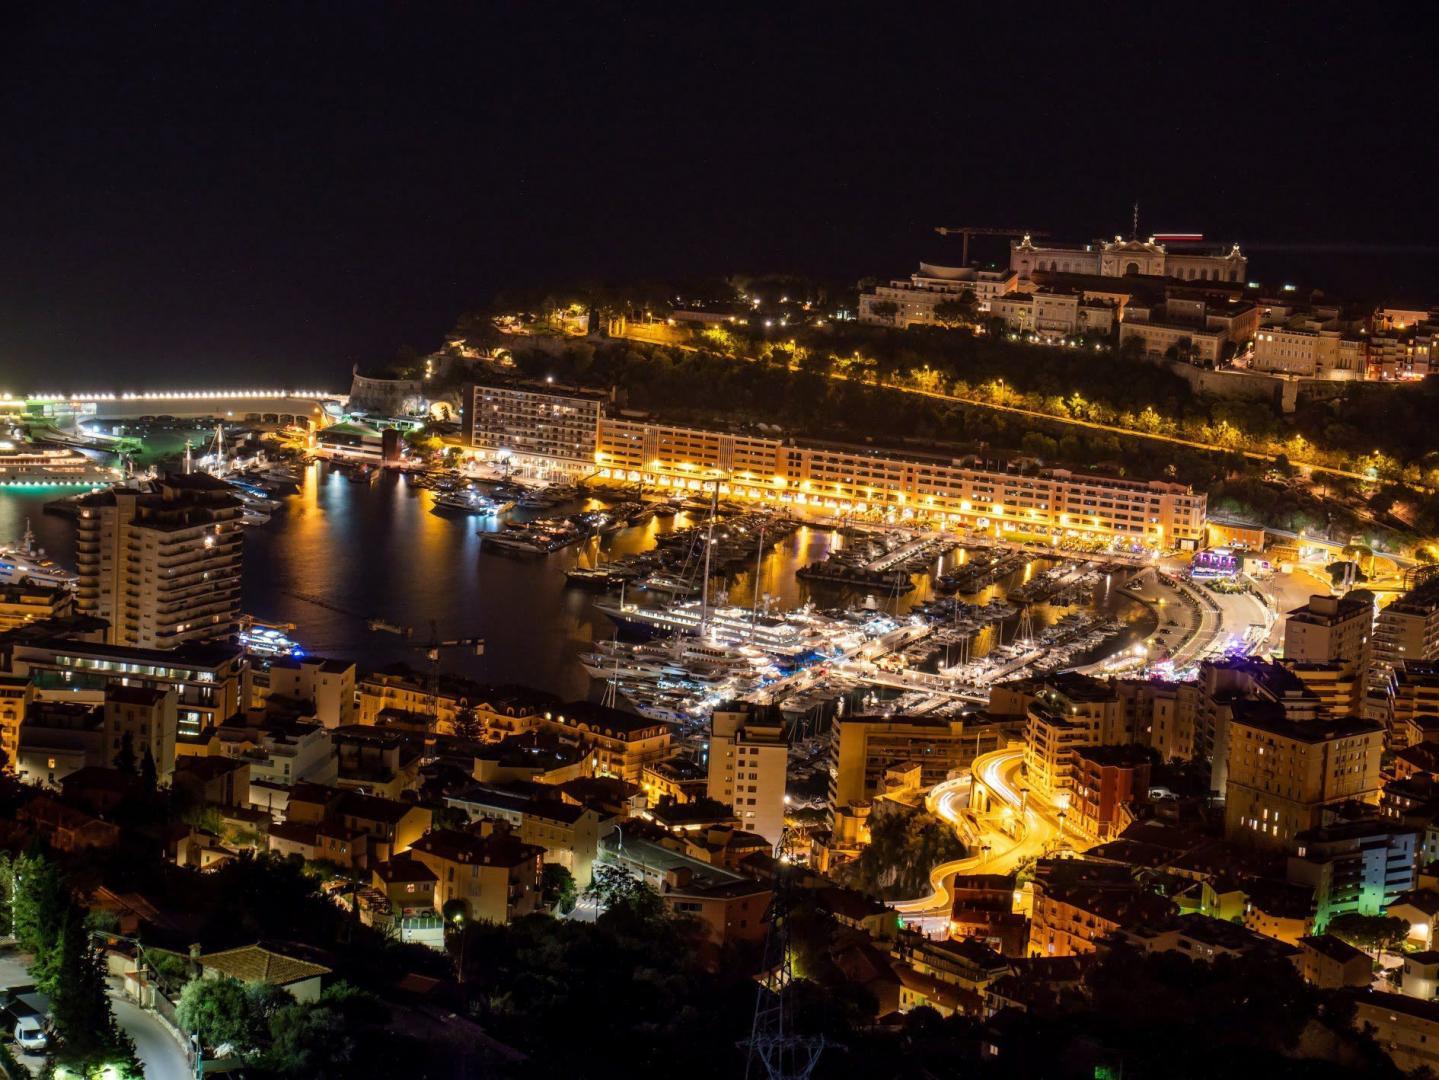 Monaco de nuit le 19 août 2019, à 20h43.